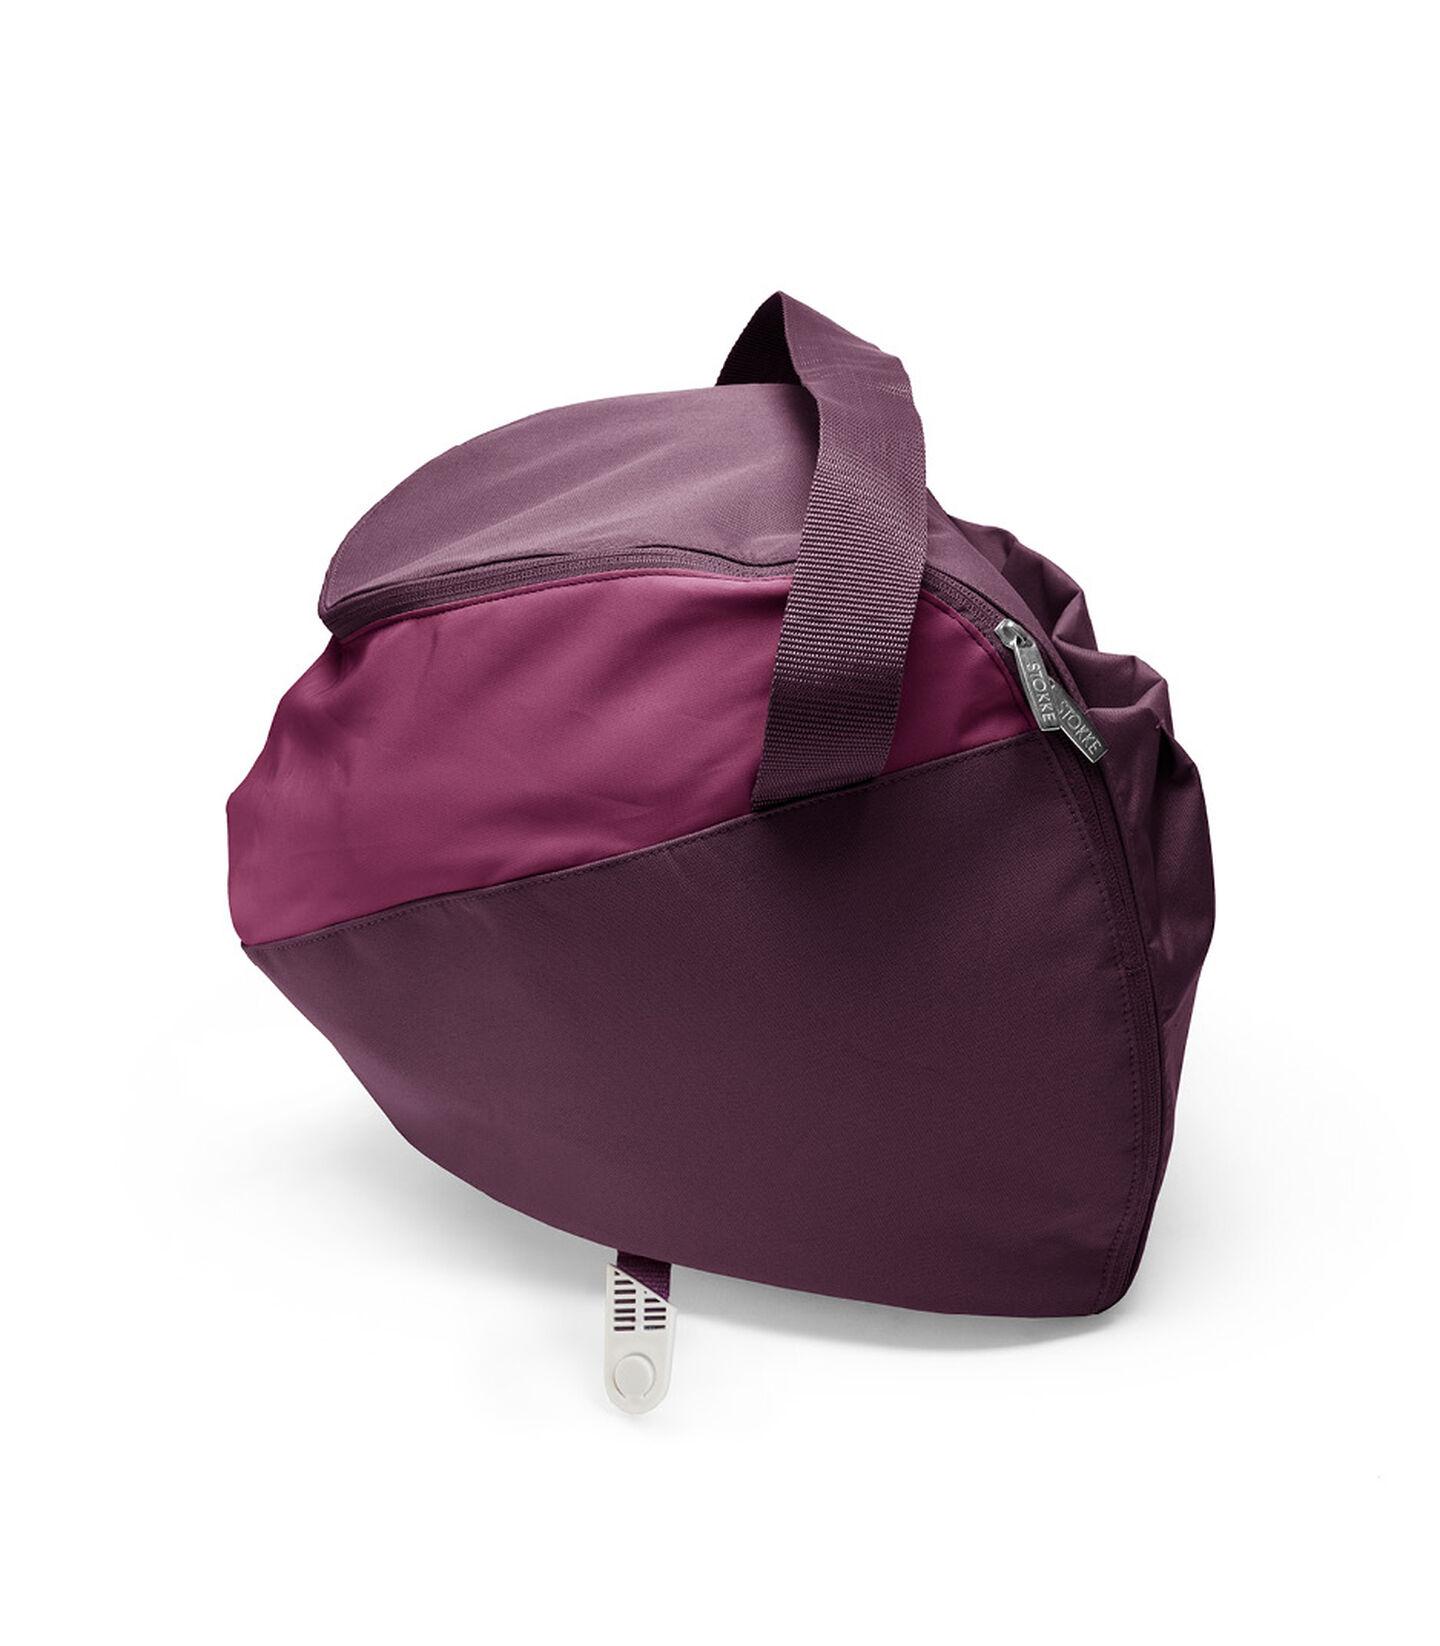 Stokke® Xplory® Shopping Bag Purple, Purple, mainview